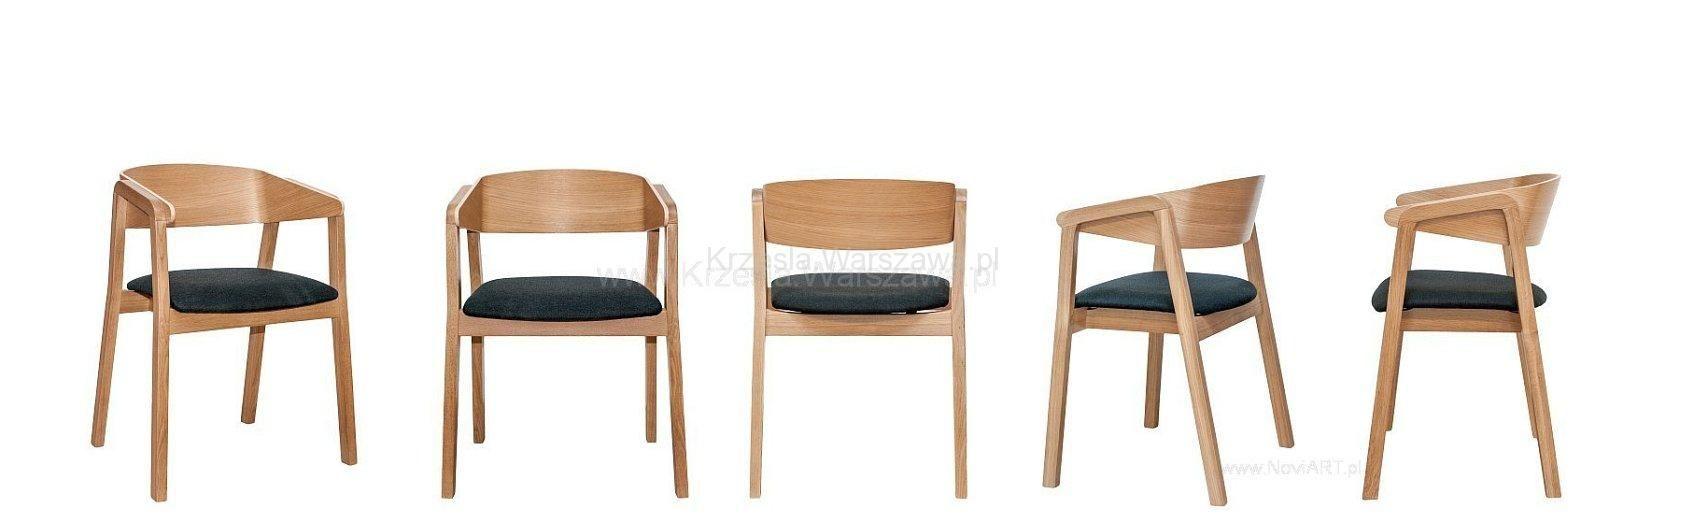 Krzesła Warszawa Producent Oferuje Gięte Krzesła Drewniane